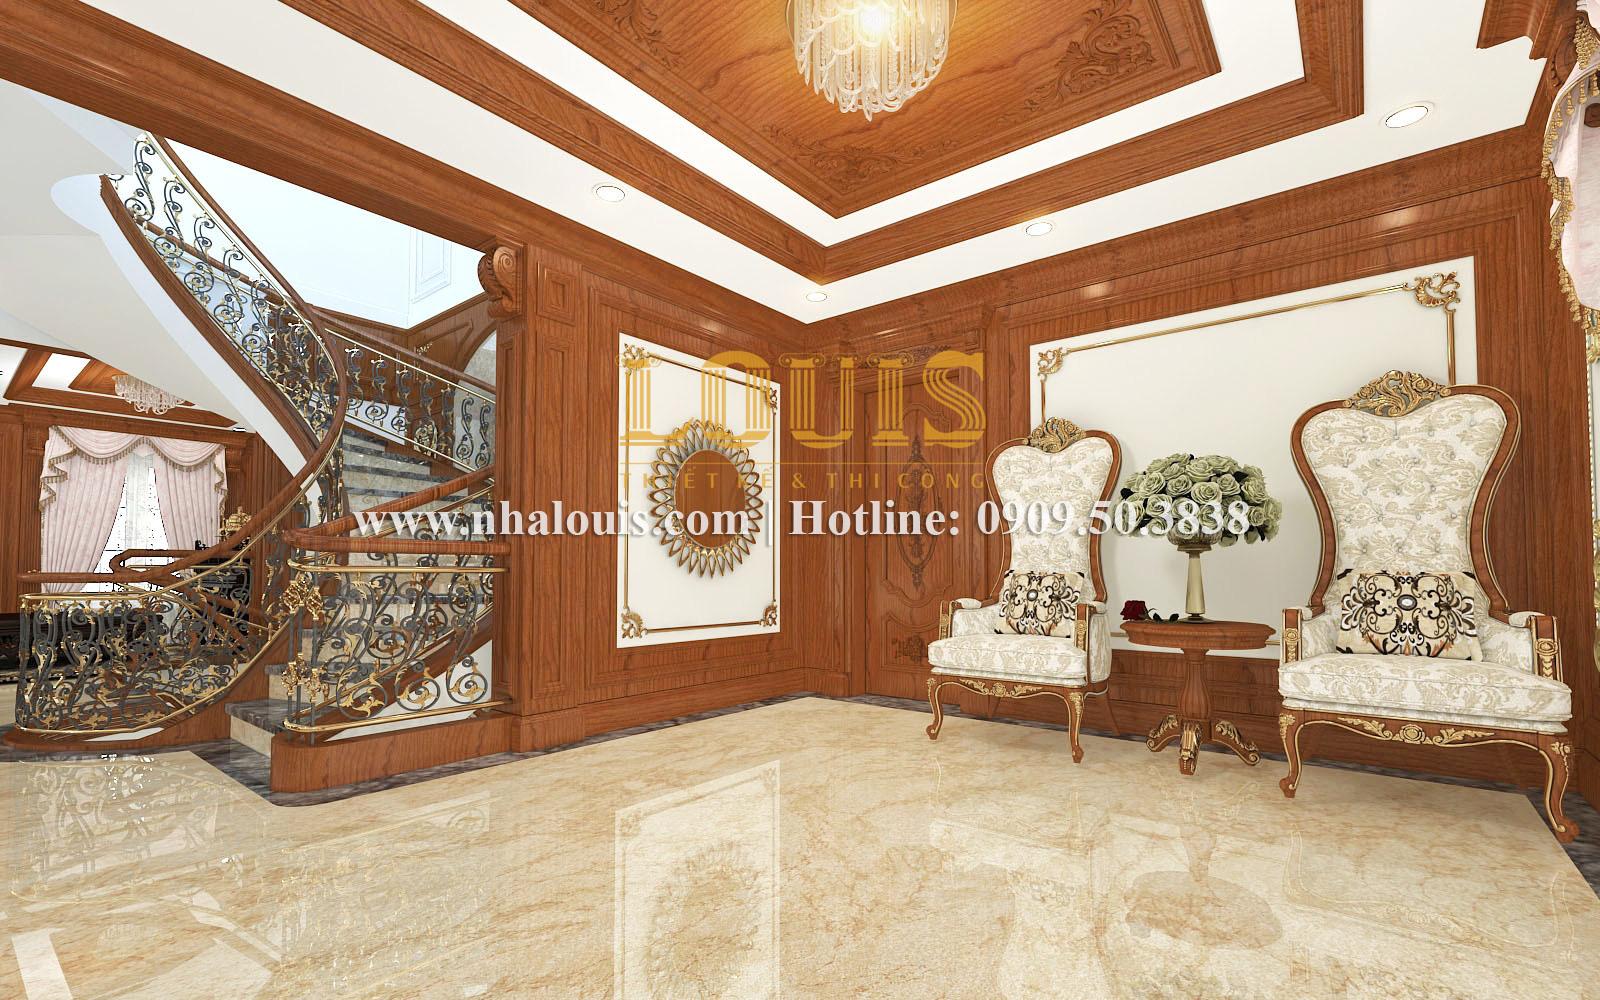 Phòng thư giãn Mẫu biệt thự kiến trúc Pháp tại Đồng Nai đẹp hoa lệ - 24